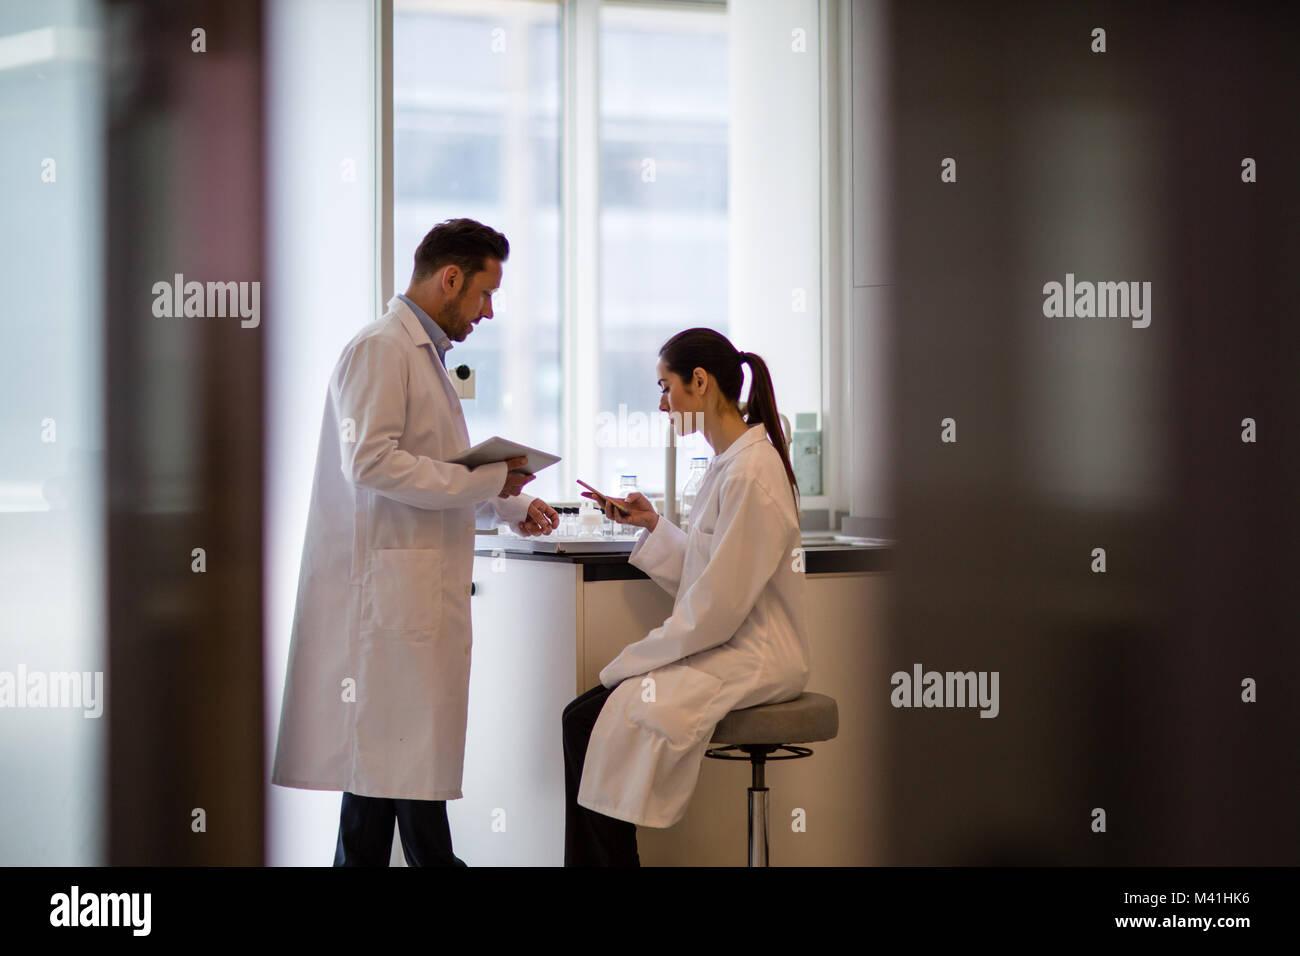 Donna scienziato discutere i risultati di esperimento con il collega di sesso maschile Immagini Stock